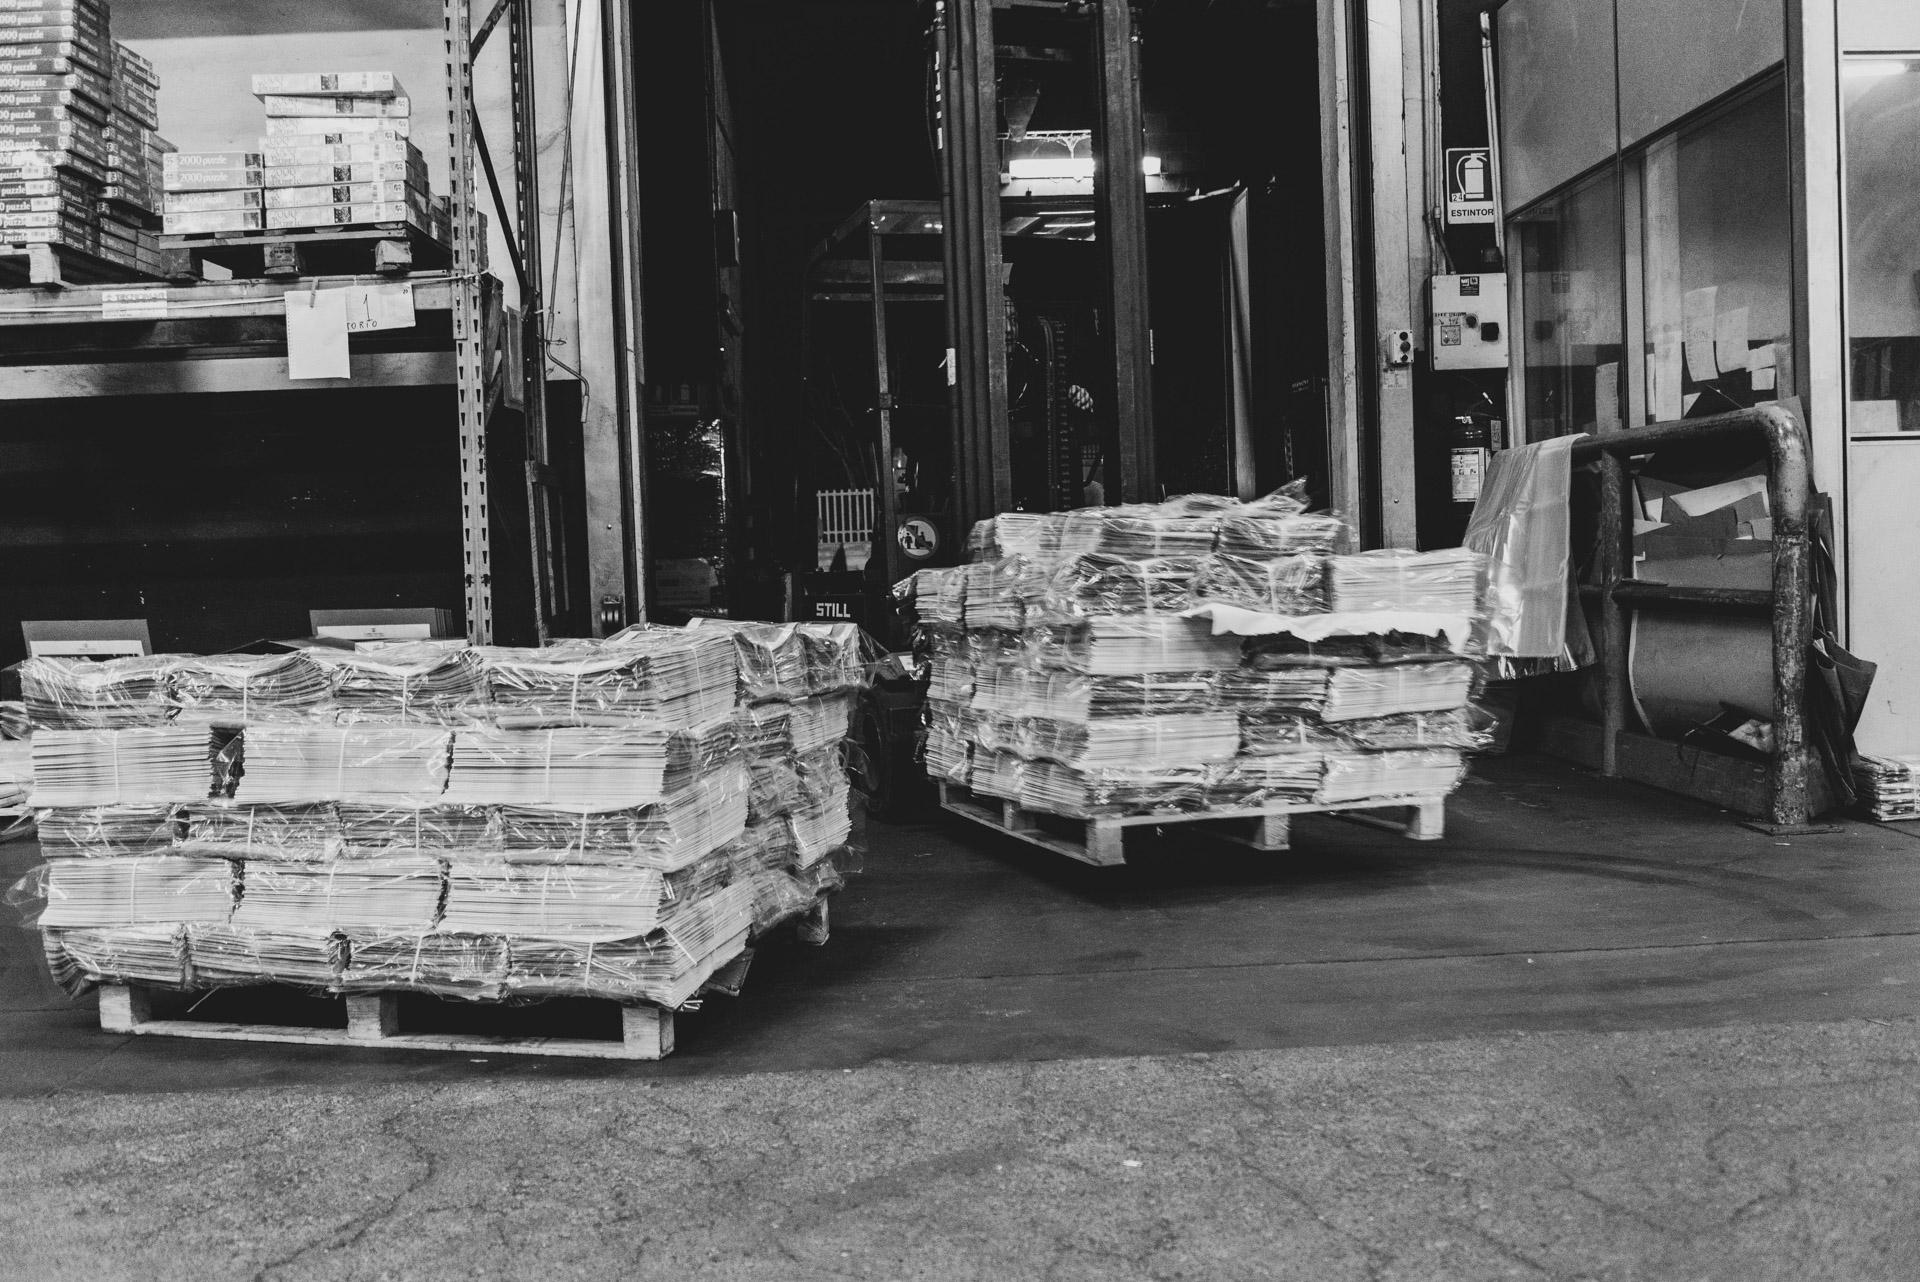 Parravicini giornali Monza Brianza distribuzione